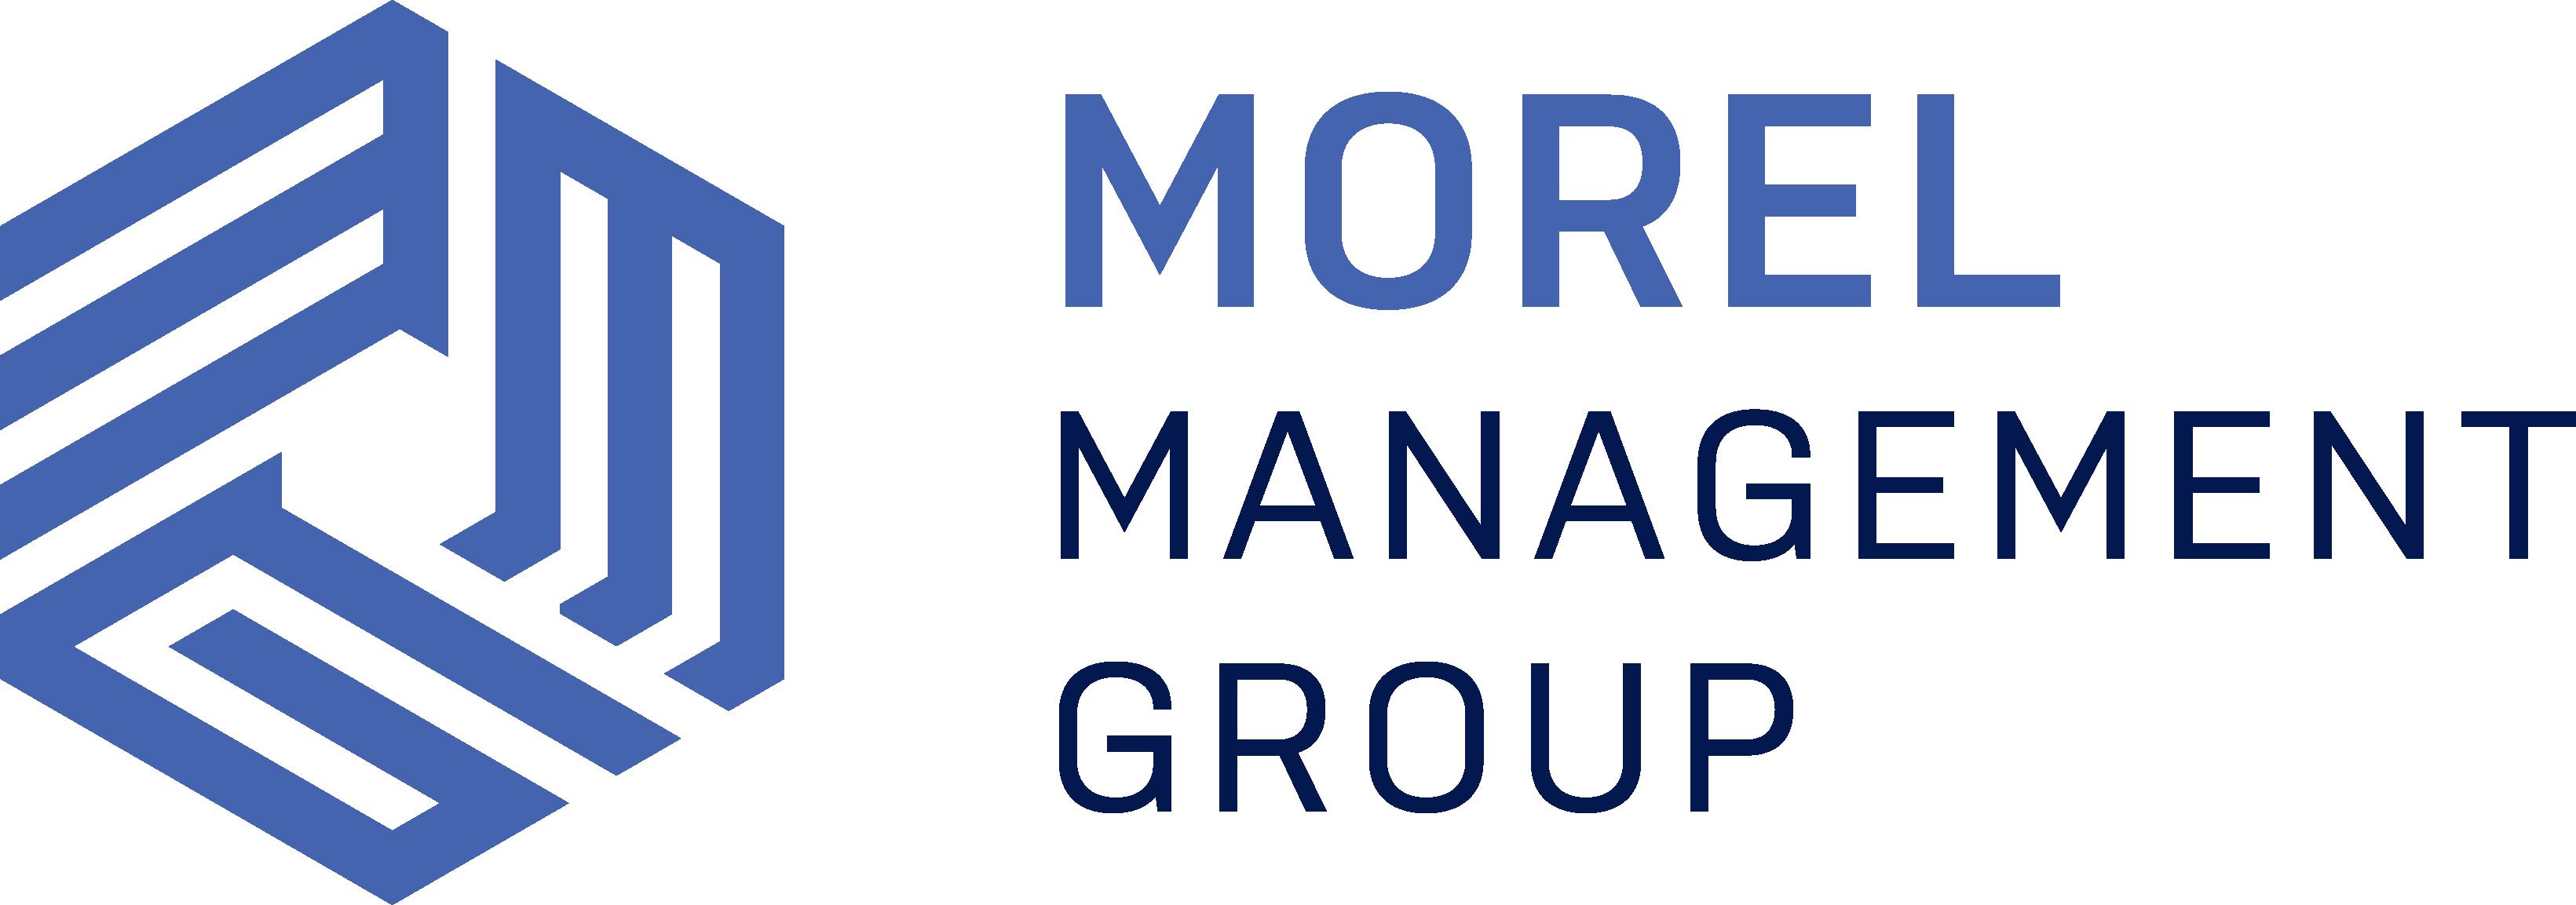 Morel Management Group